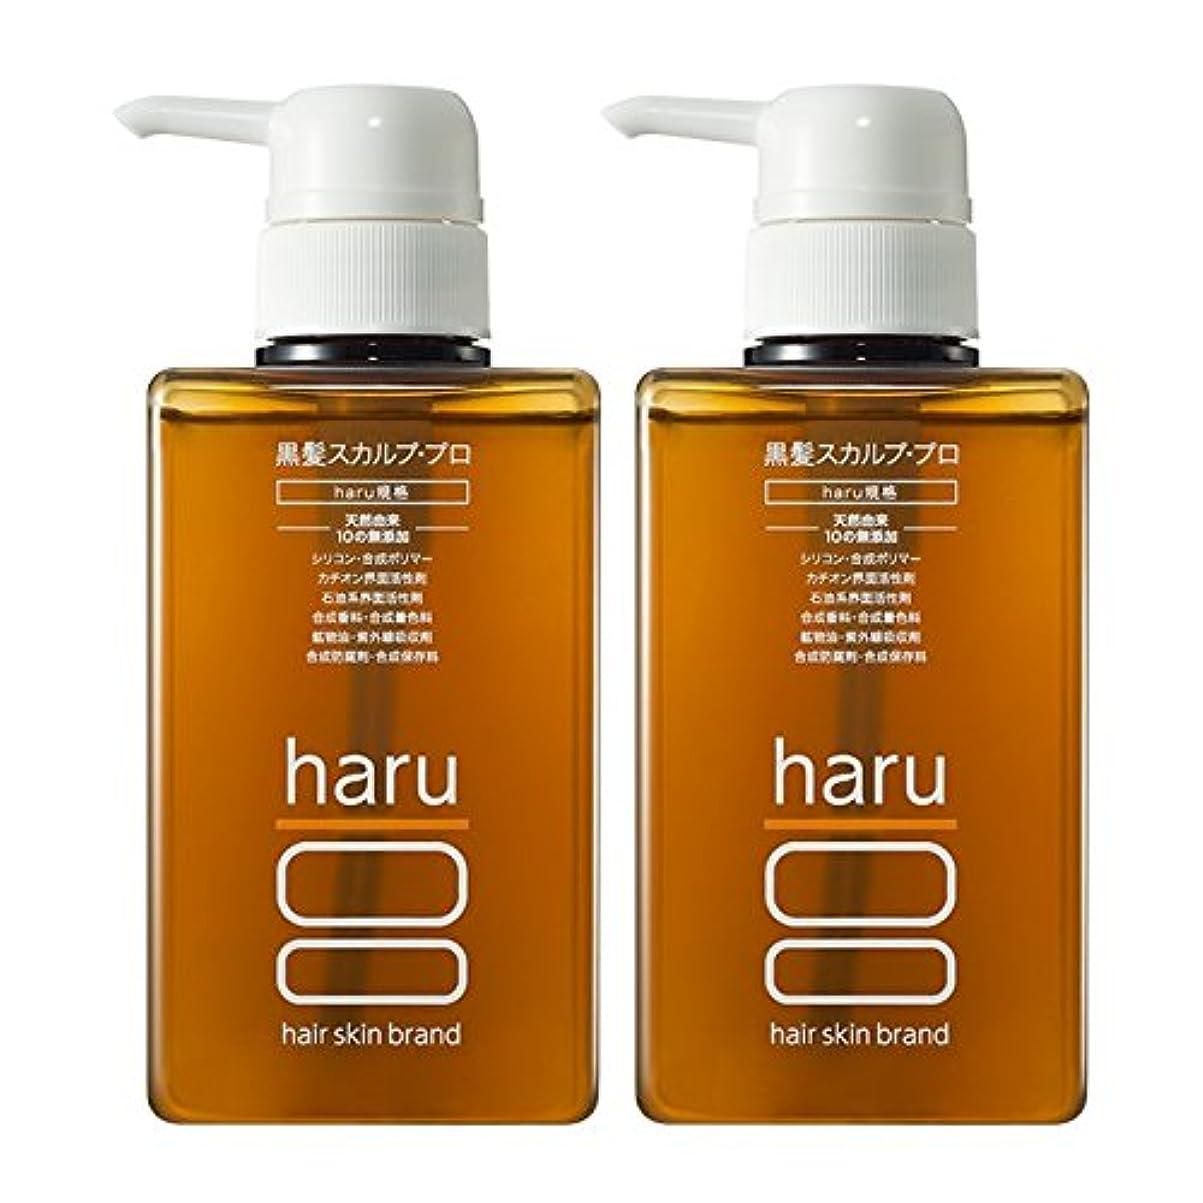 病気のエンジニアリング持続的《5% OFF》haru 黒髪スカルプ?プロ 400ml 2本セット